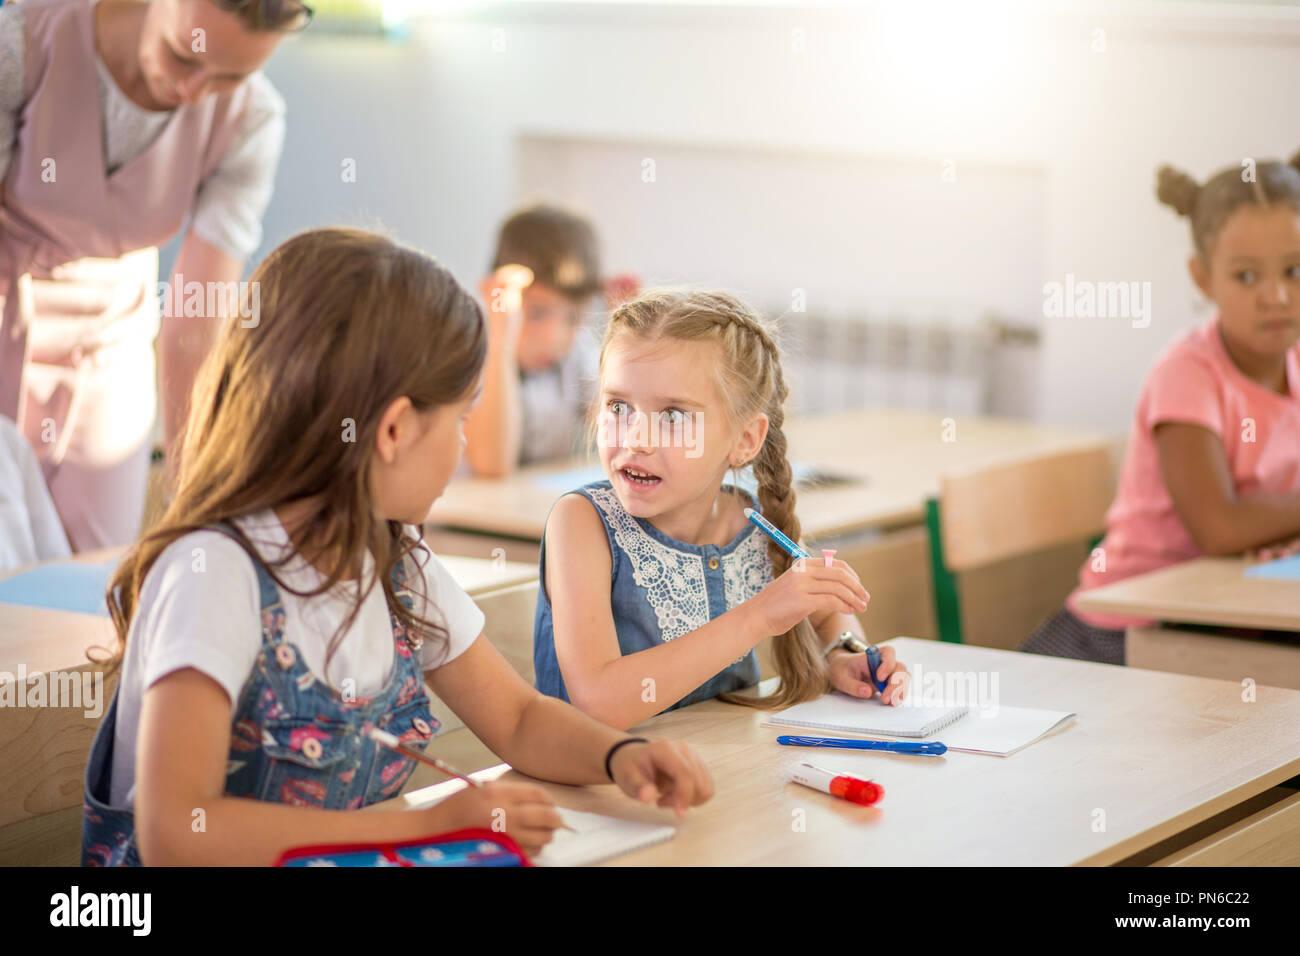 La escuela los niños participan activamente en las clases. La educación, tarea concepto Imagen De Stock